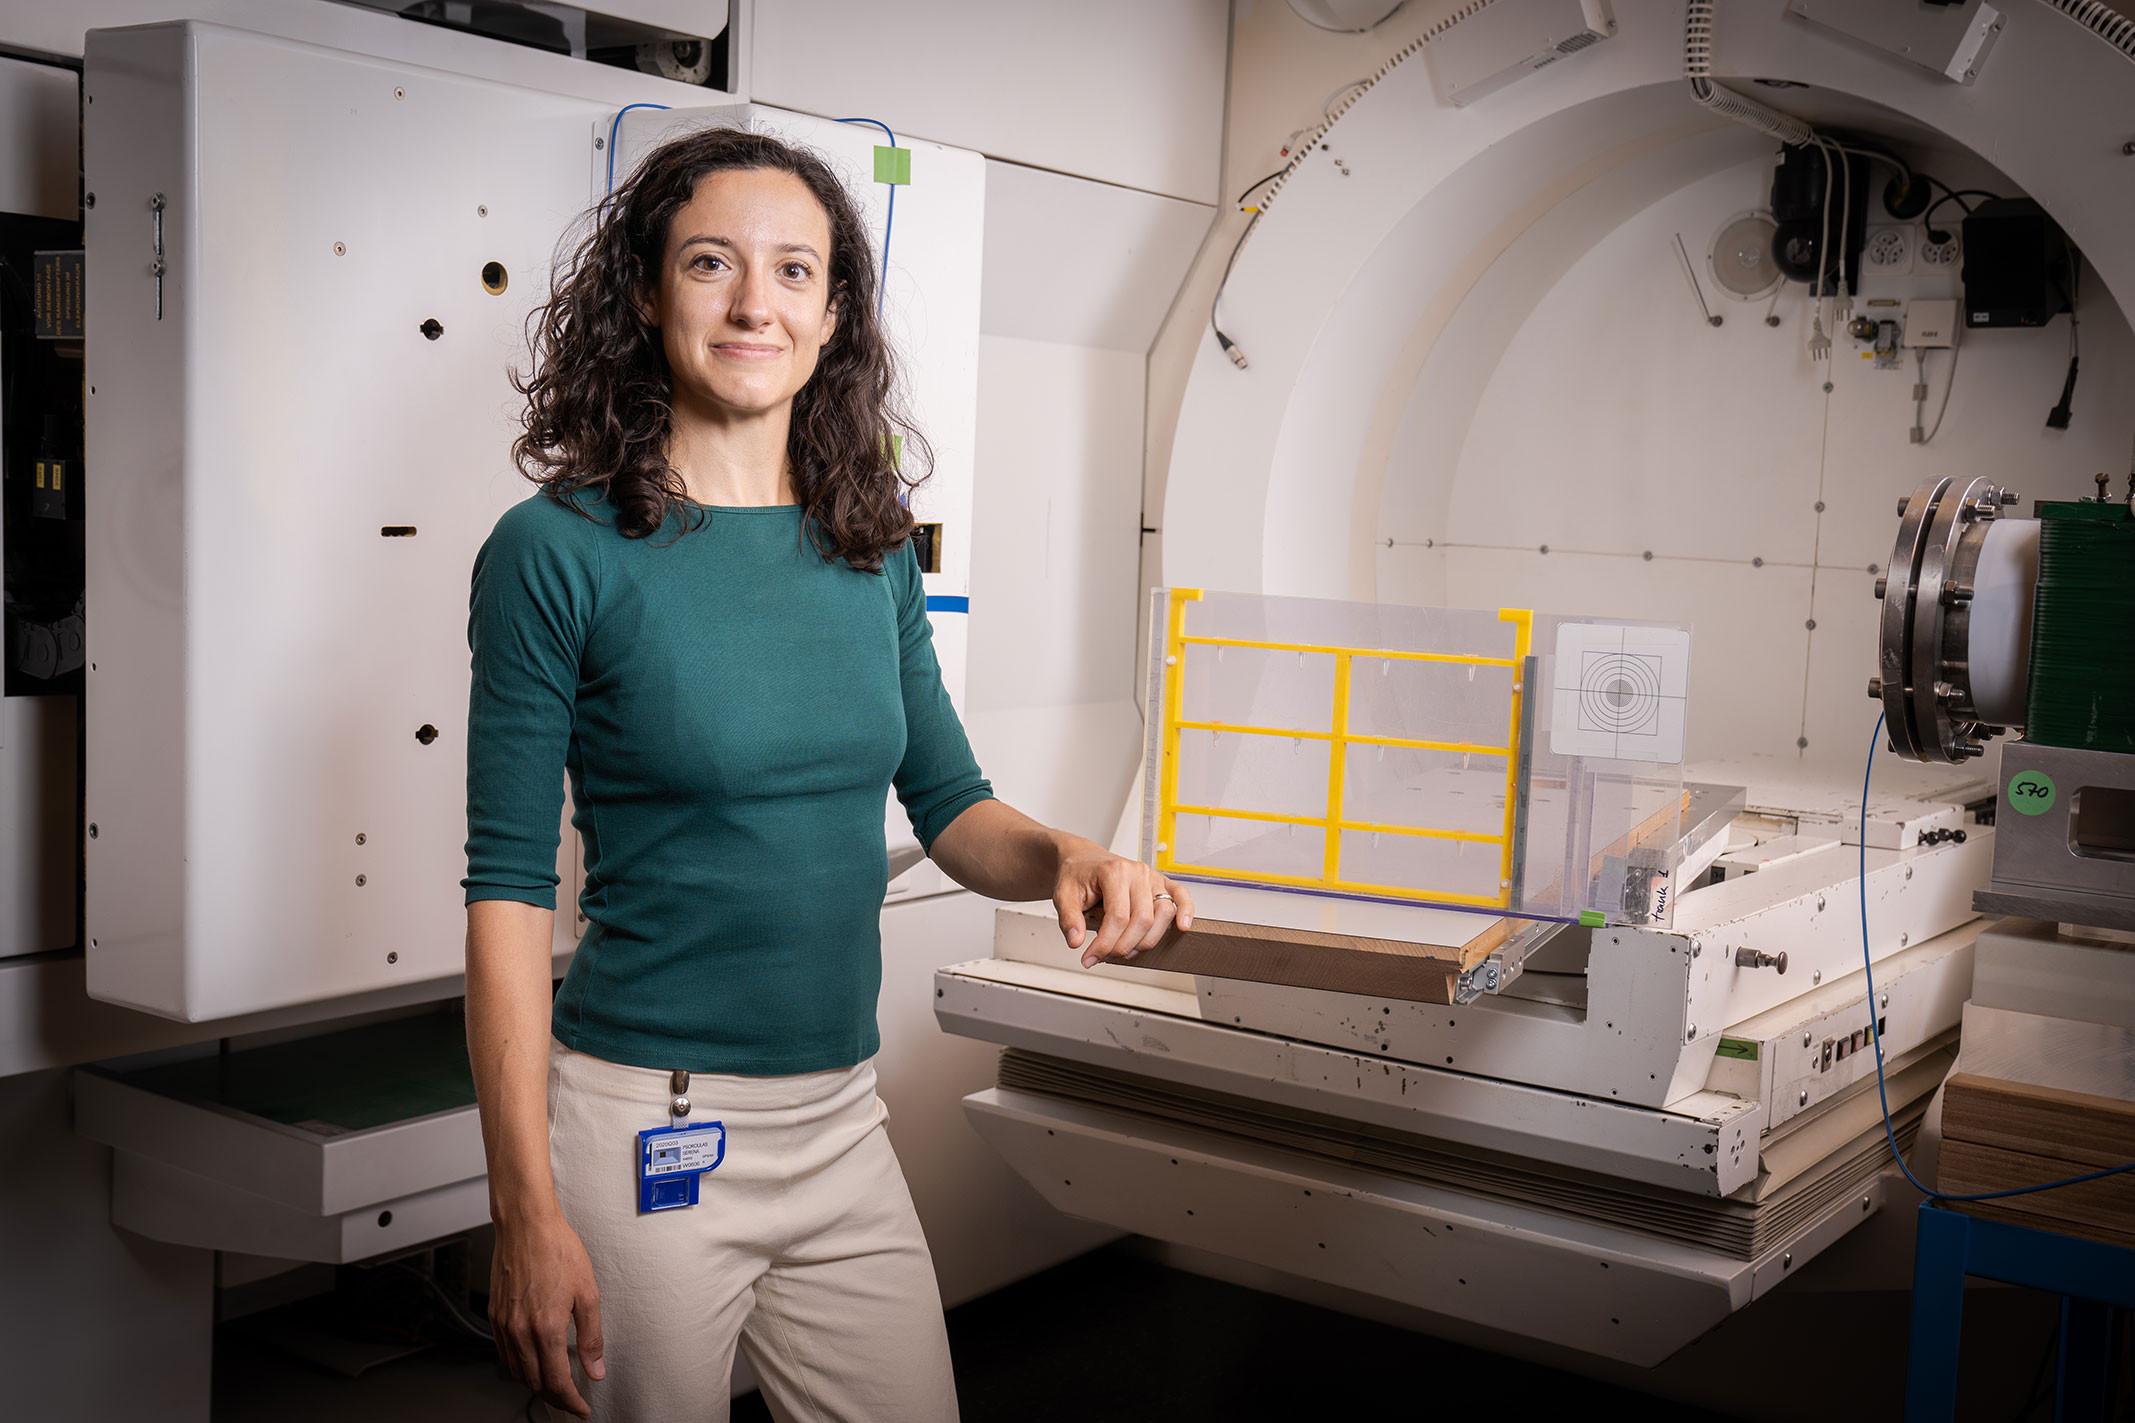 超快肿瘤治疗新技术:FLASH技术彻底改变癌症患者的放射疗法